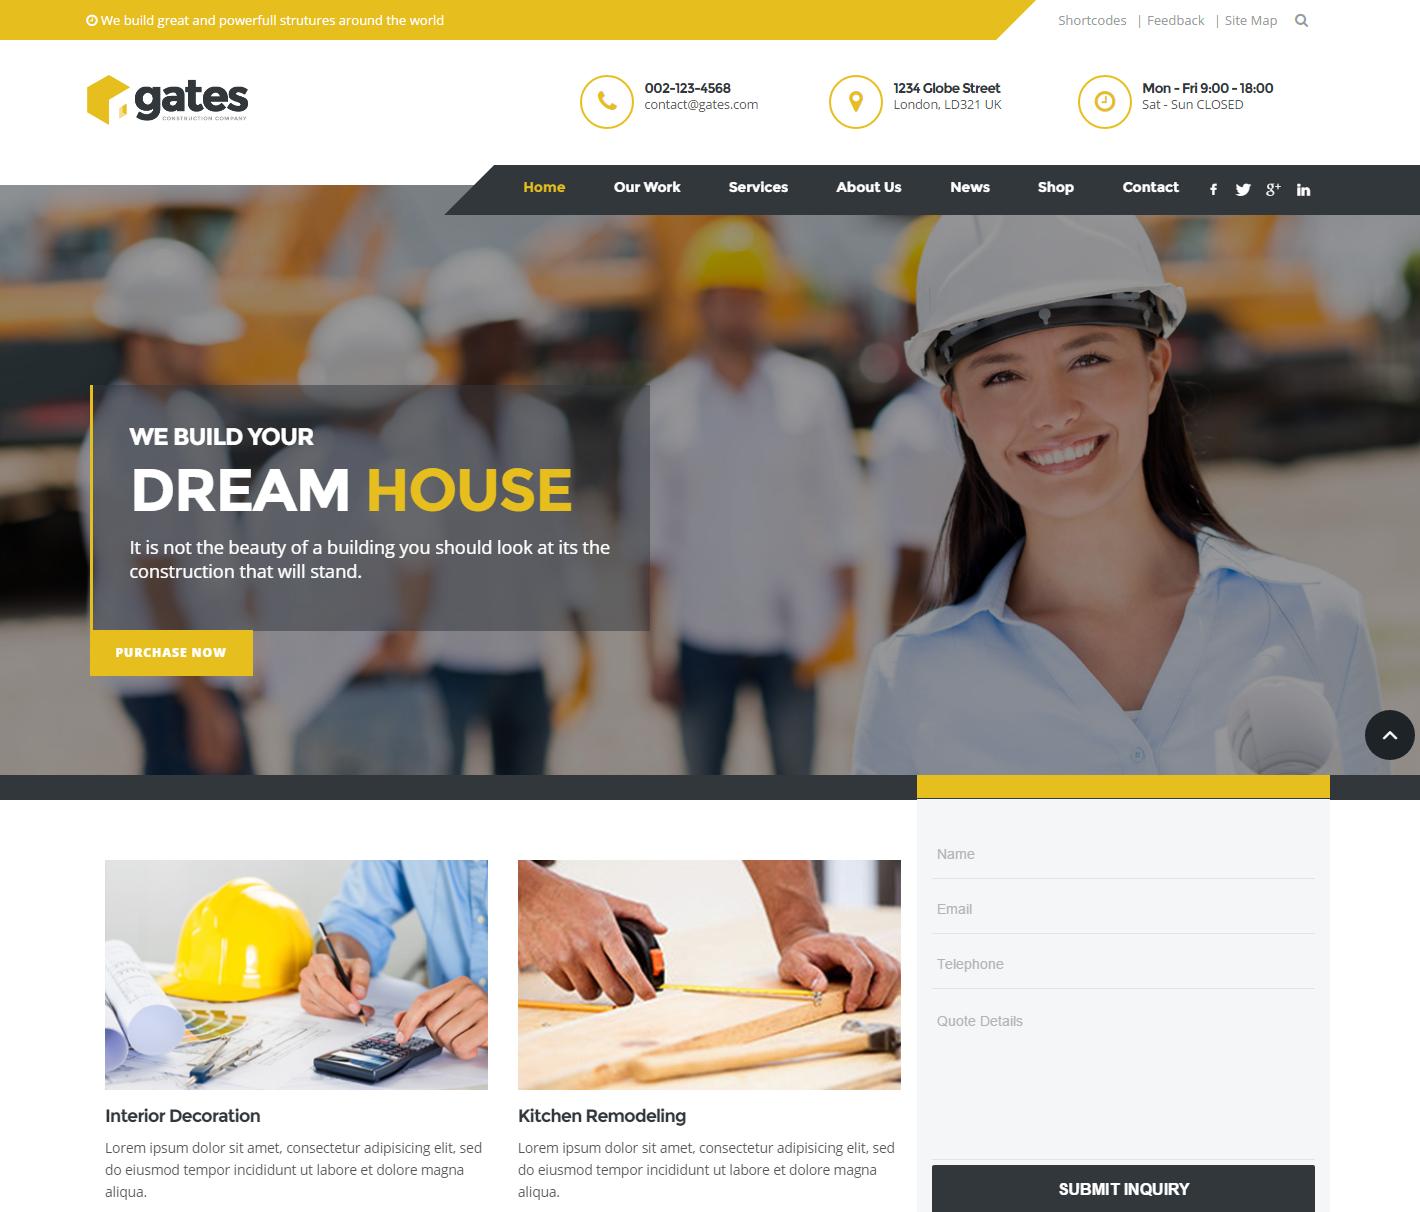 gates-premium-wordpress-theme